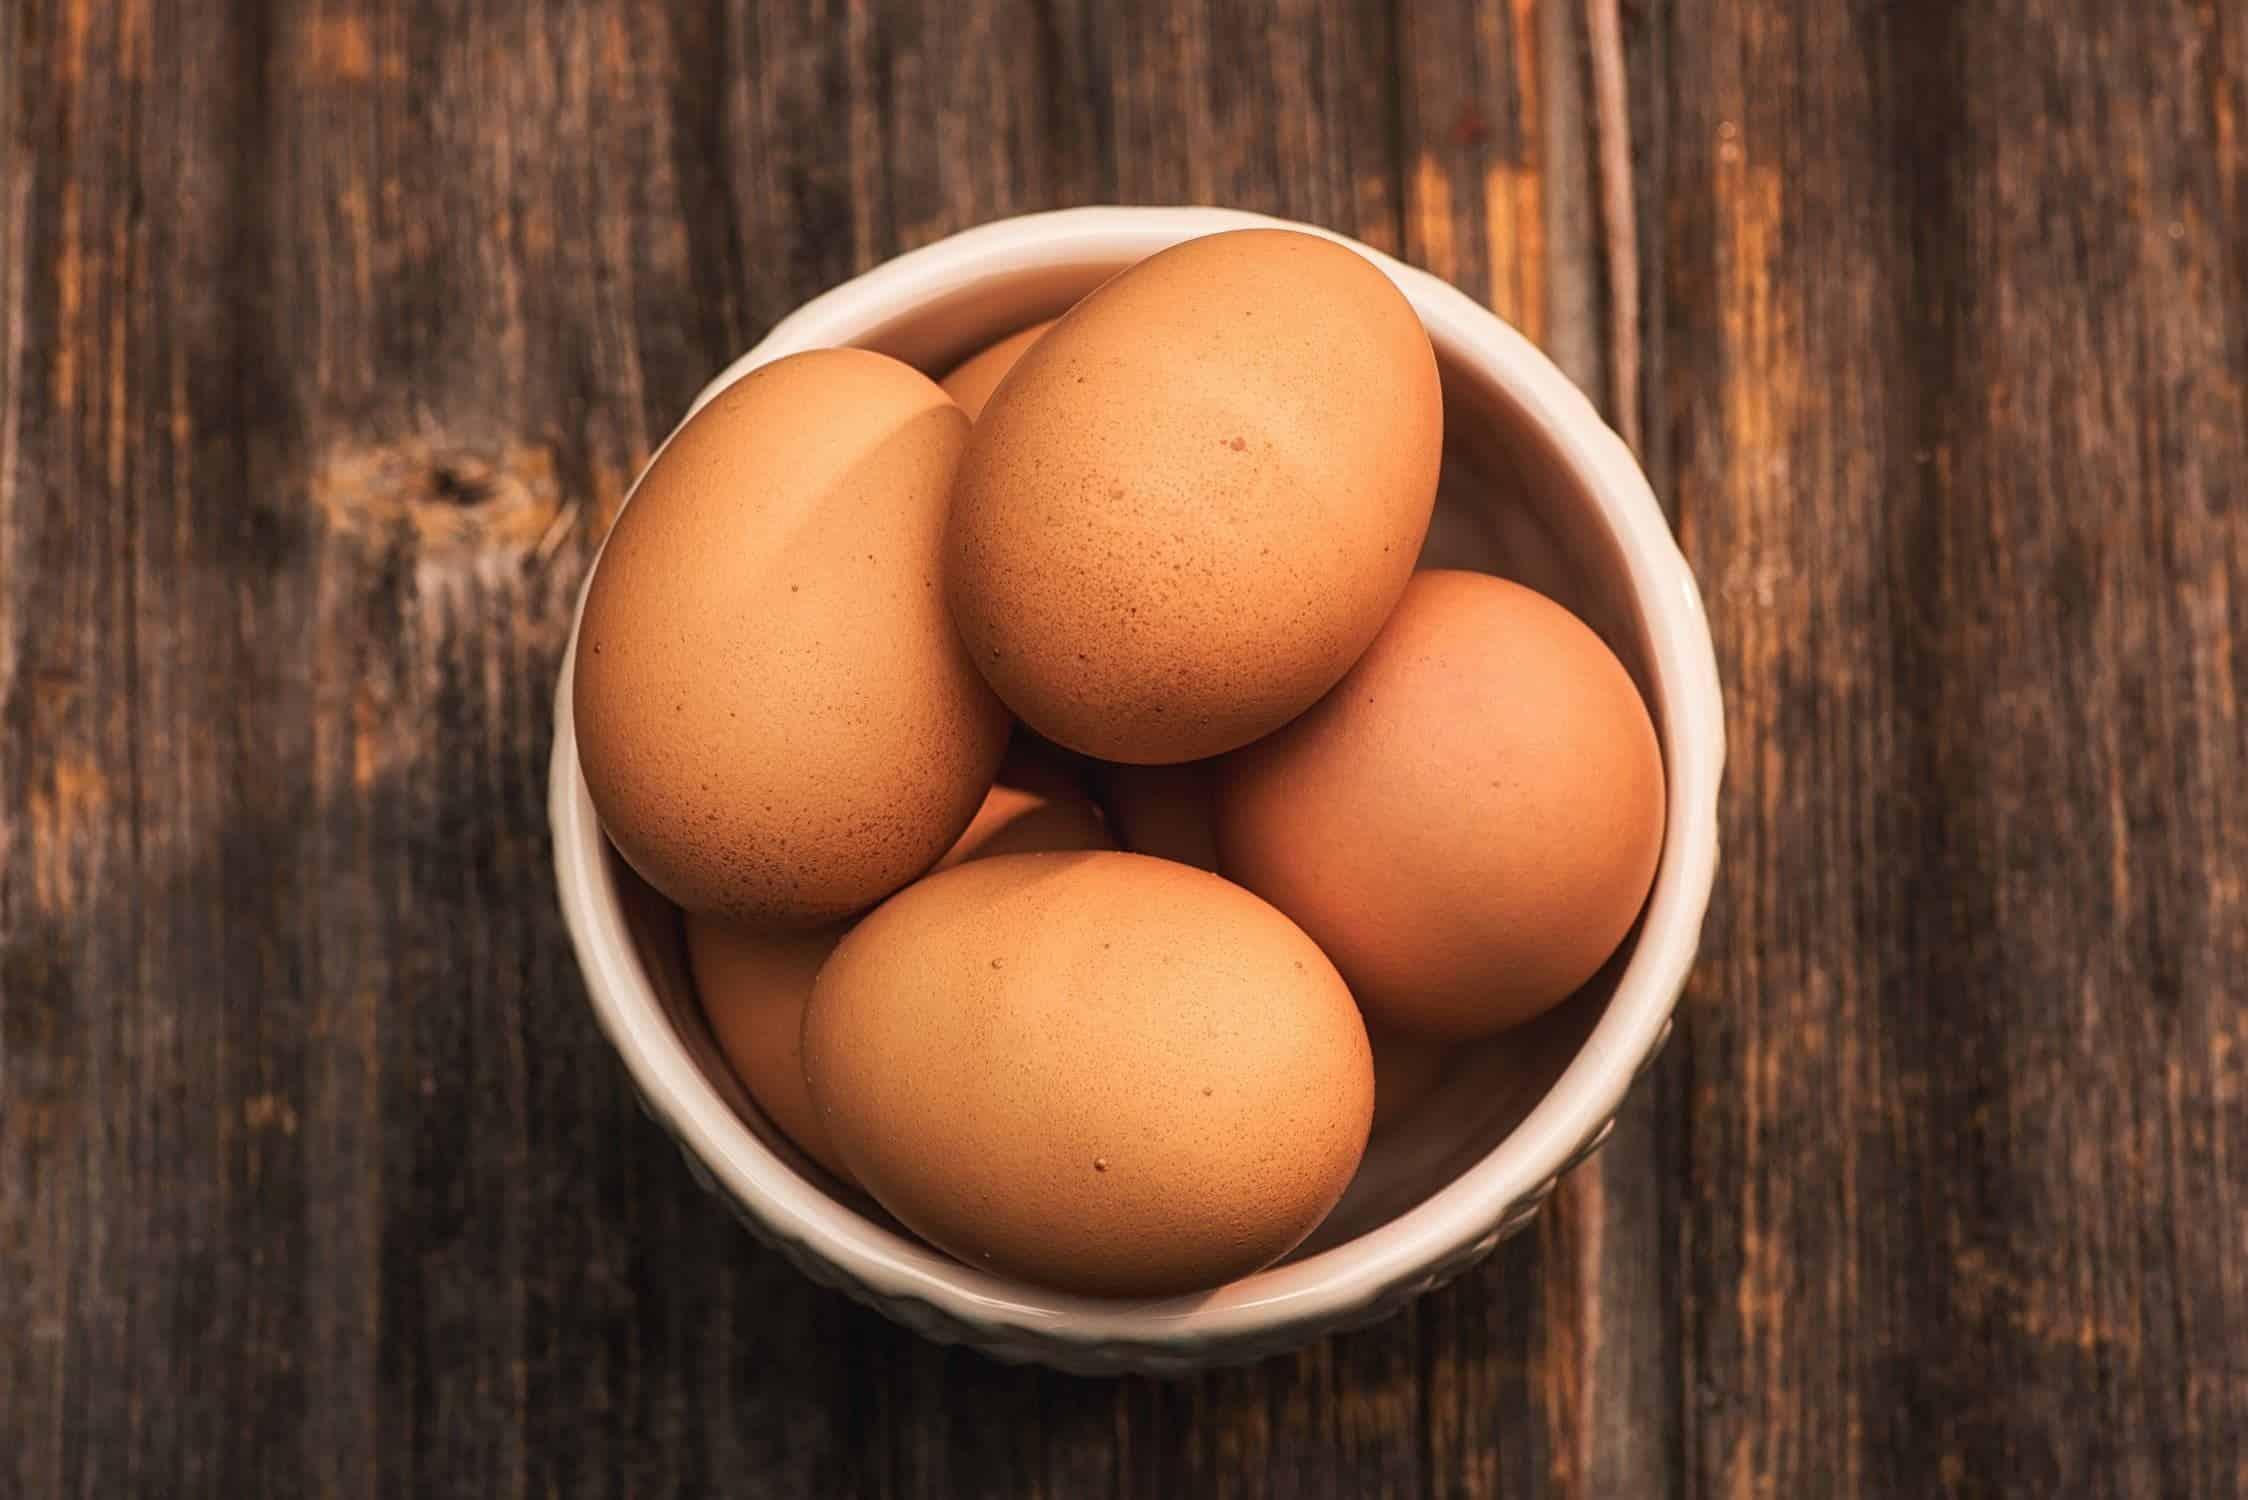 hoeveel eiwit in een ei